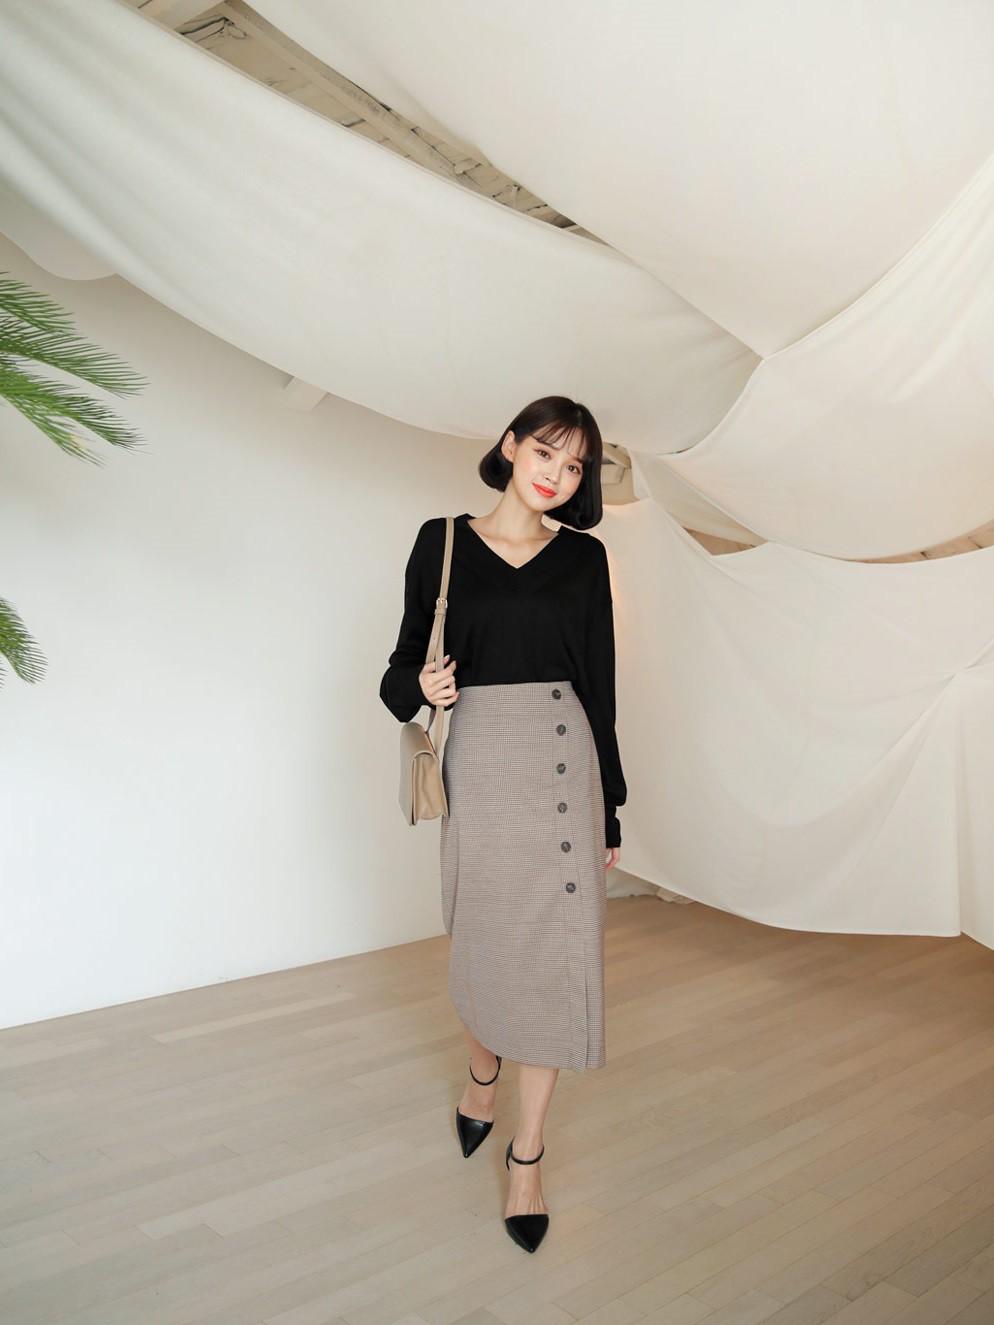 Quên quần áo dày dặn mùa lạnh đi, nàng công sở cứ sắm 5 items này là đủ mặc đẹp từ Xuân sang Hè - Ảnh 9